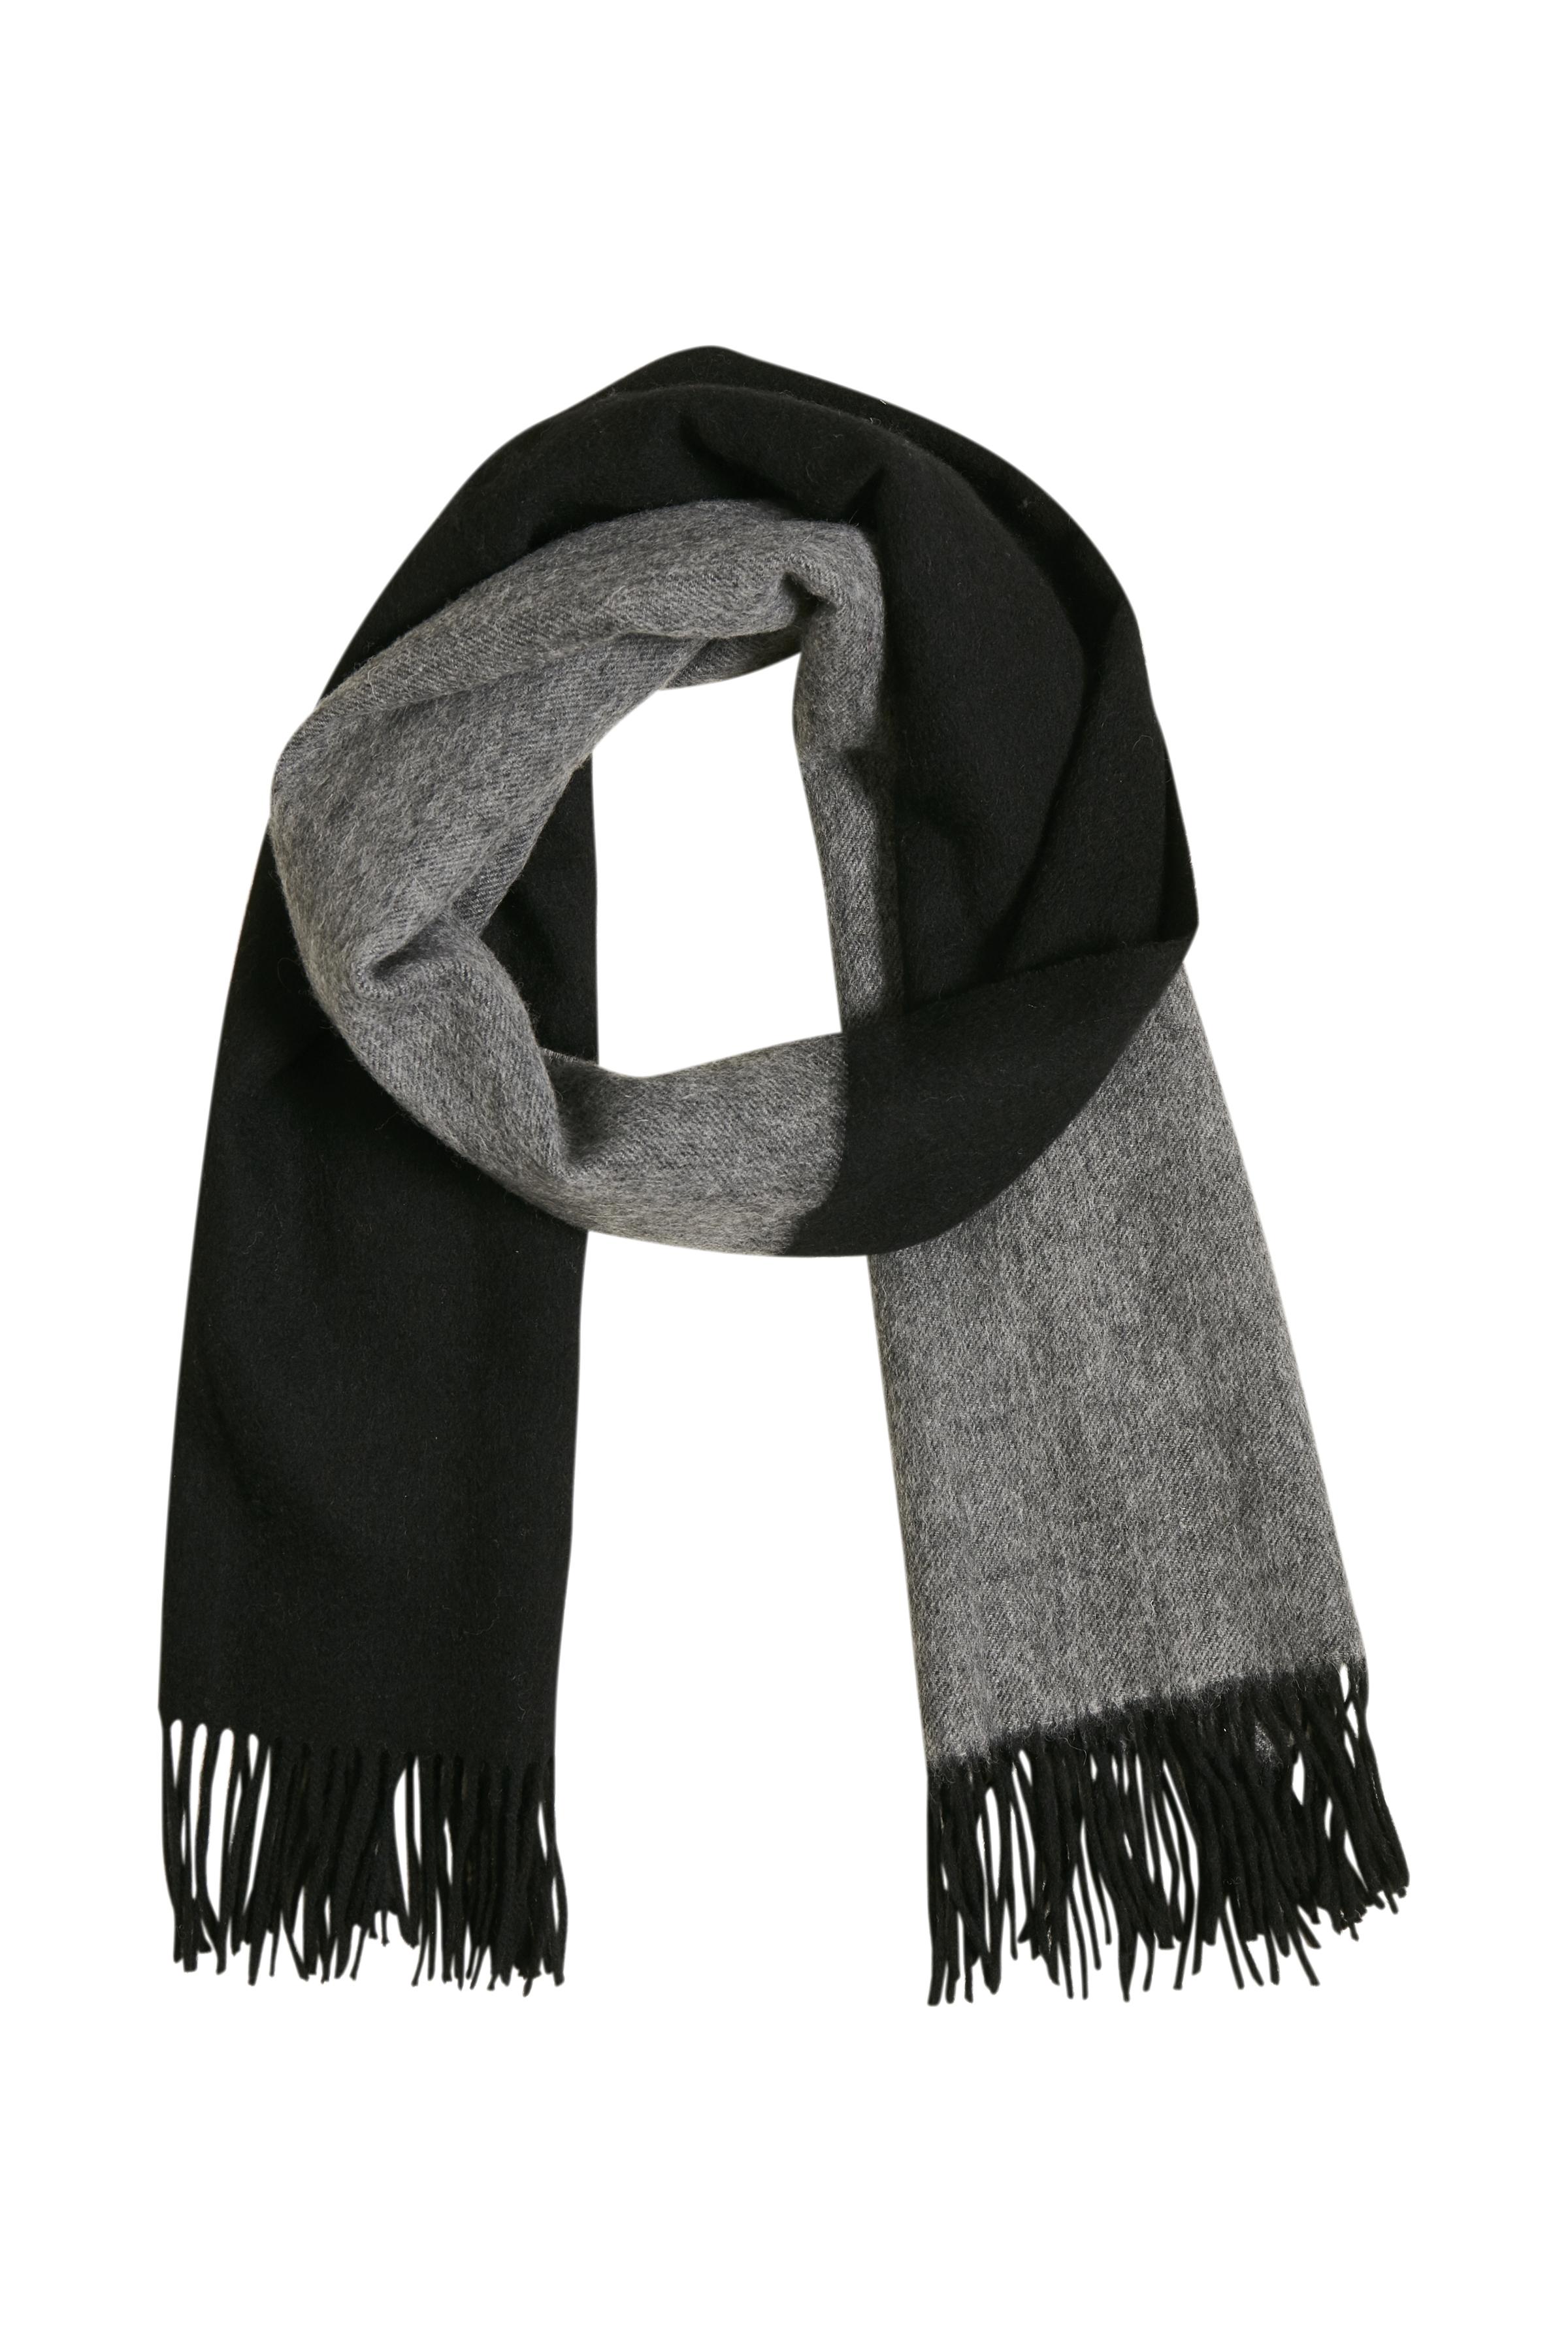 Black Tørklæde – Køb Black Tørklæde fra str. ONE her